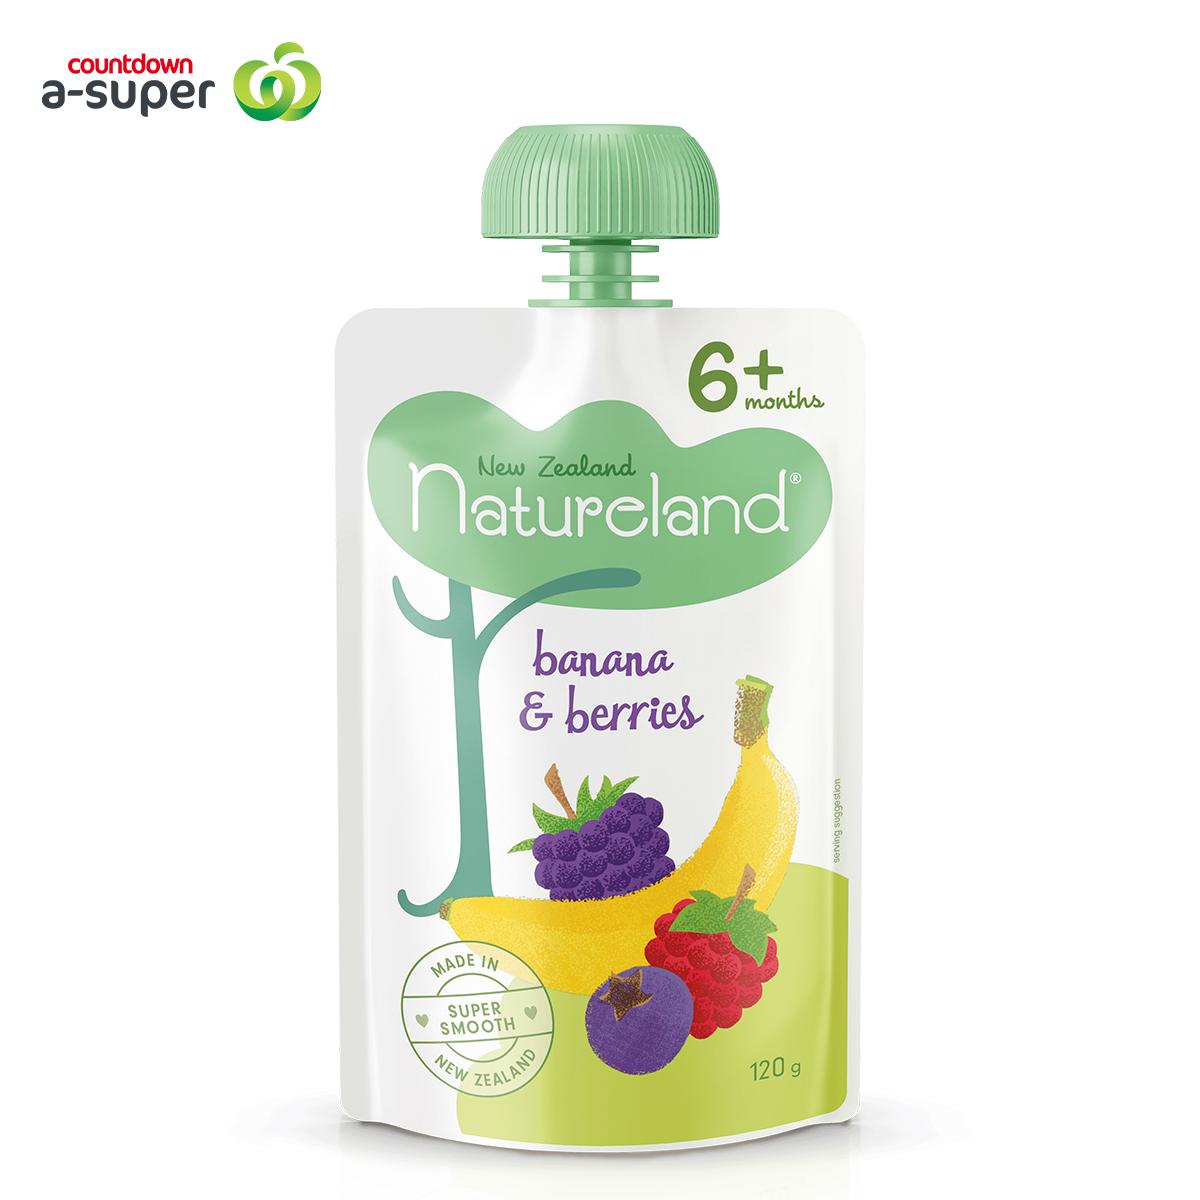 Natureland Baby Food Banana & Berry Mix Puree 120g